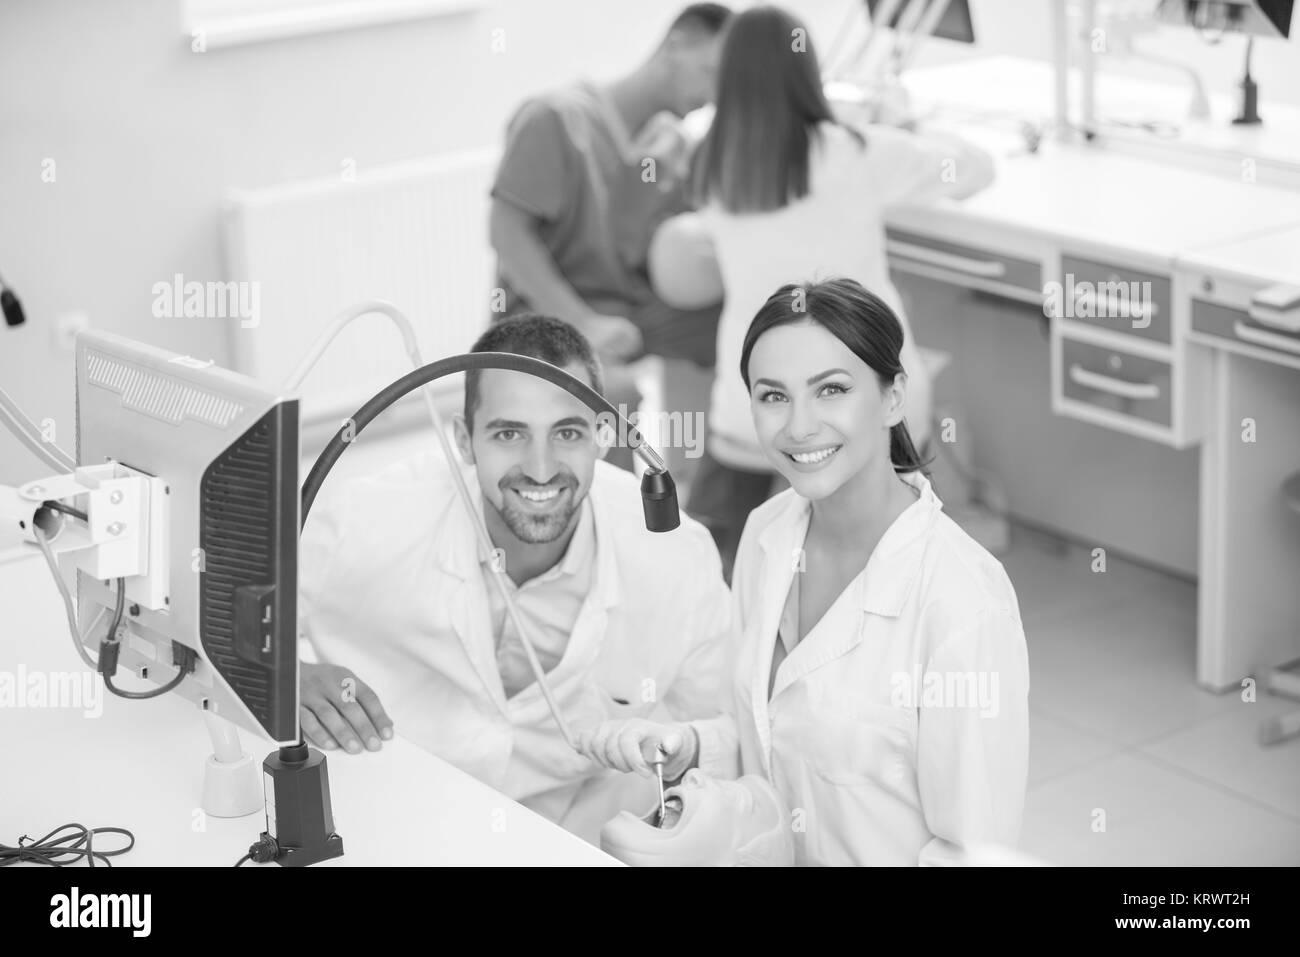 Des prothèses dentaires, l'hygiène buccale. Les mains de la prothétique tout en travaillant sur le dentier, fausses dents, une étude et une table avec des outils de dentiste. Banque D'Images